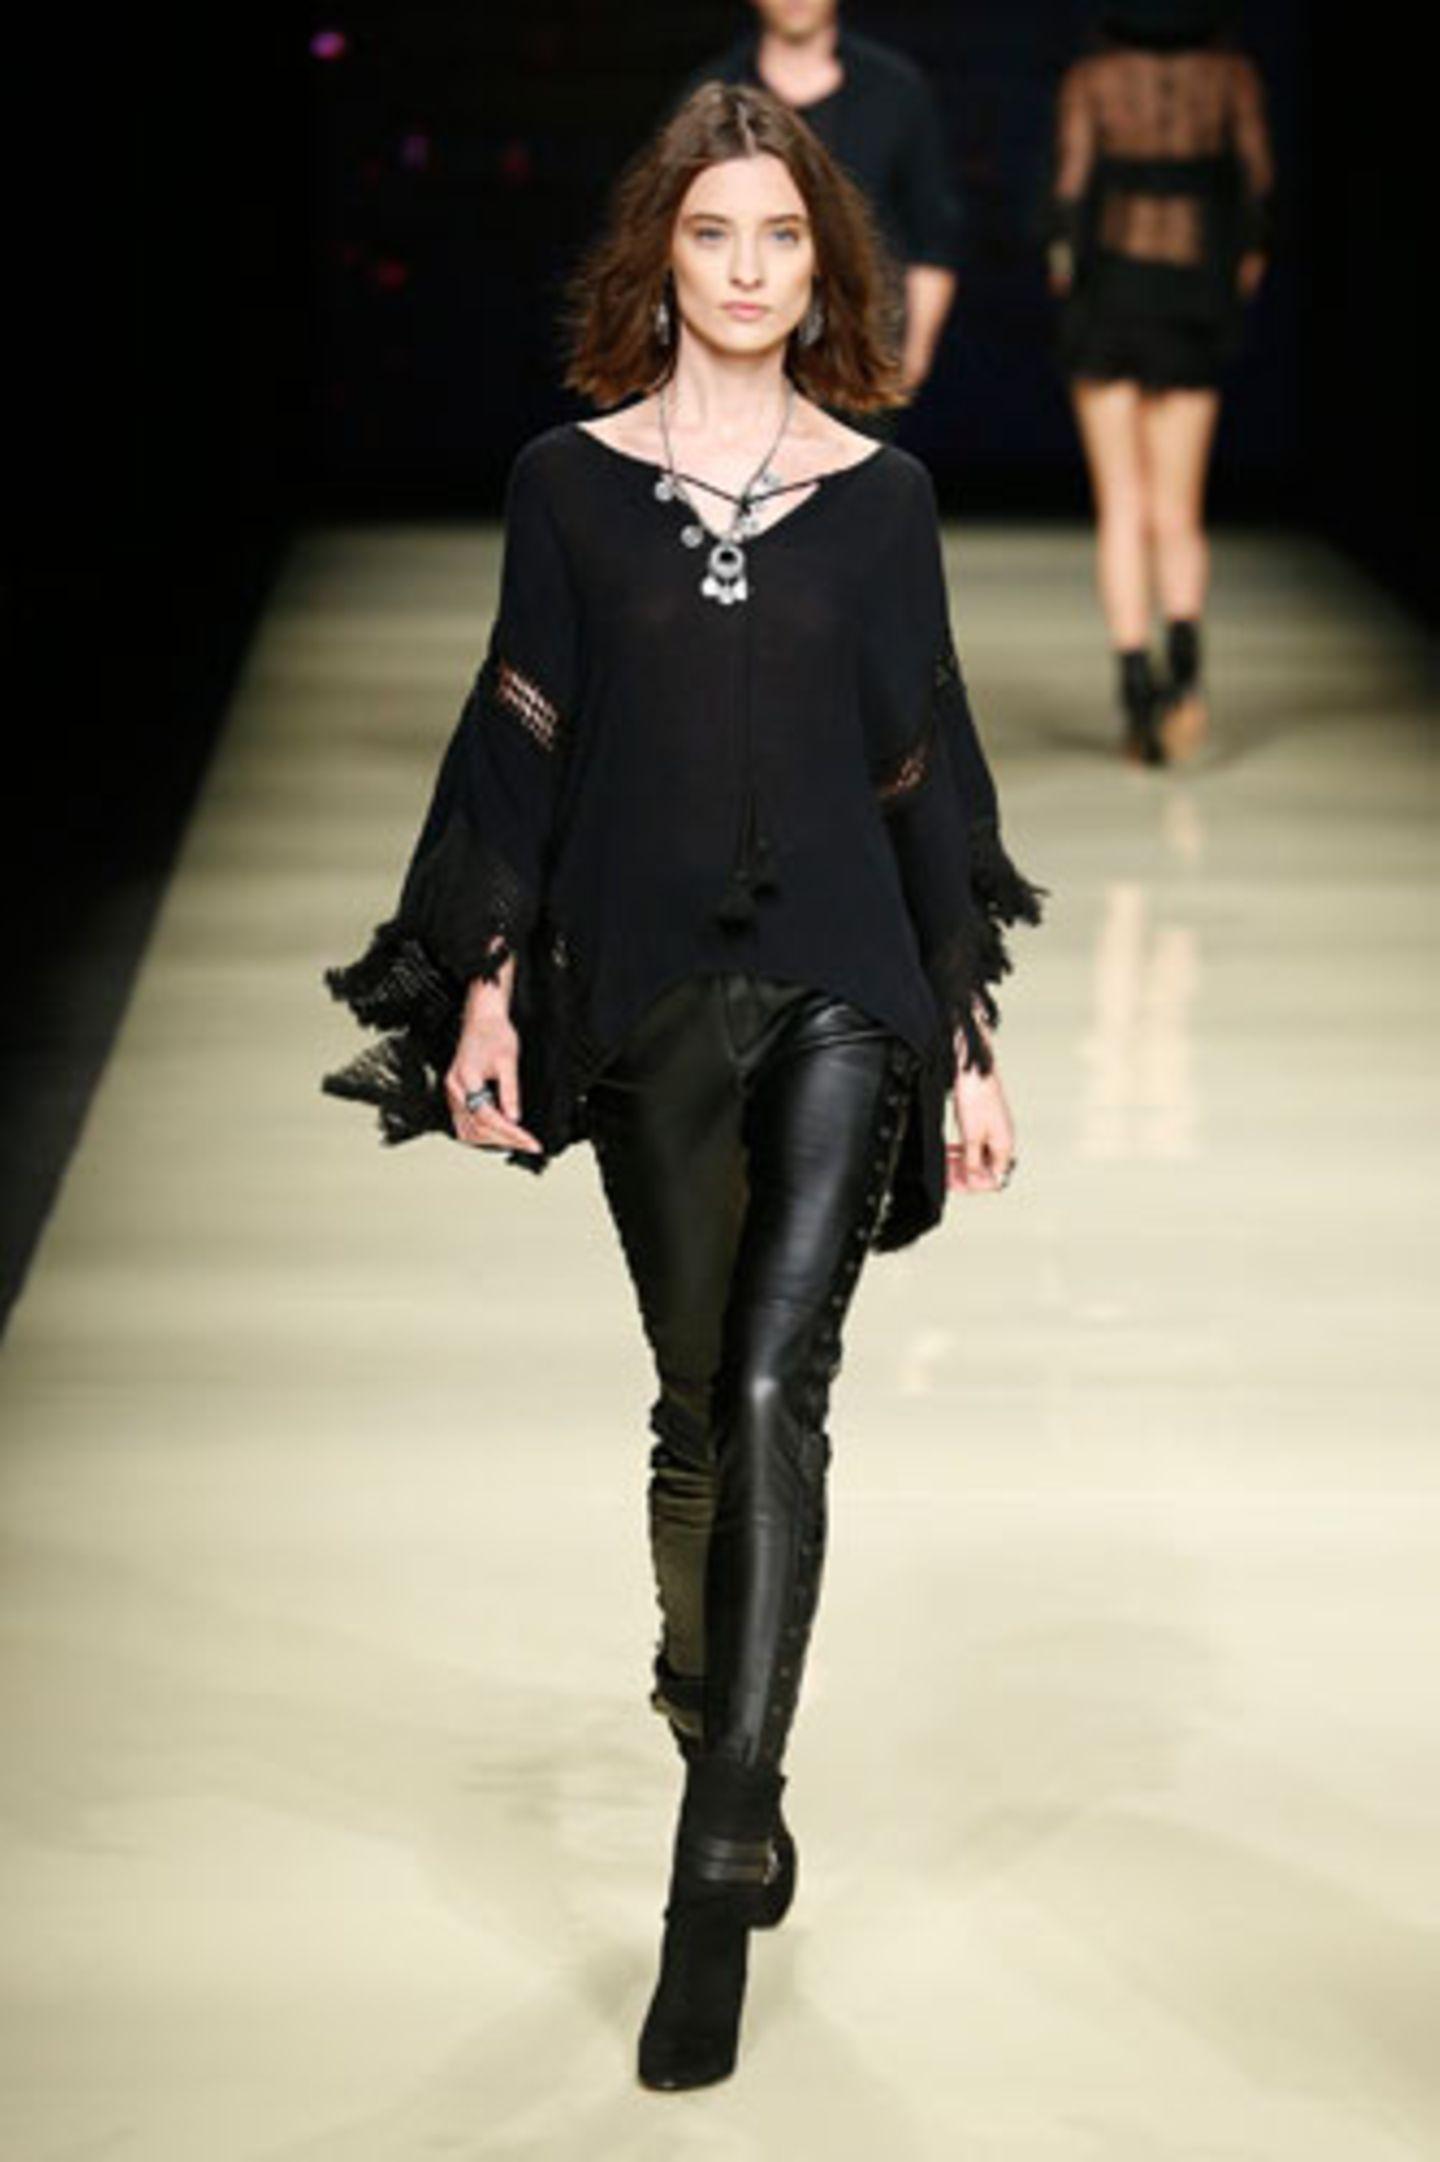 Als das Modelabel Mango nach Barcelona ludt, um seine Sommerkollektion 2015 in einer großen Fashion Show zu präsentieren, kam richtig Urlaubslaune auf. Insgesamt 35-Damenlooks feierten den Sommer – und die 70er-Jahre. Denn dieses Jahrzehnt, das in der Mode als Inspiration gerade omnipräsent ist, diente als Vorbild für die Sommerkollektion bei Mango. Auf dem Laufsteg dominierten bohemistische Hippie-Looks - Spitze, Stickereien, Fransen, Velours, fließende Stoffe, Lederhosen und Boho-Elemente. Jimi Hendrix und Jim Morrison lassen grüßen. Wir können uns diese Looks ebenso gut in der City wie auf dem Festivalgelände vorstellen und lassen uns gerne von den Stylings auf dem Laufsteg inspirieren.